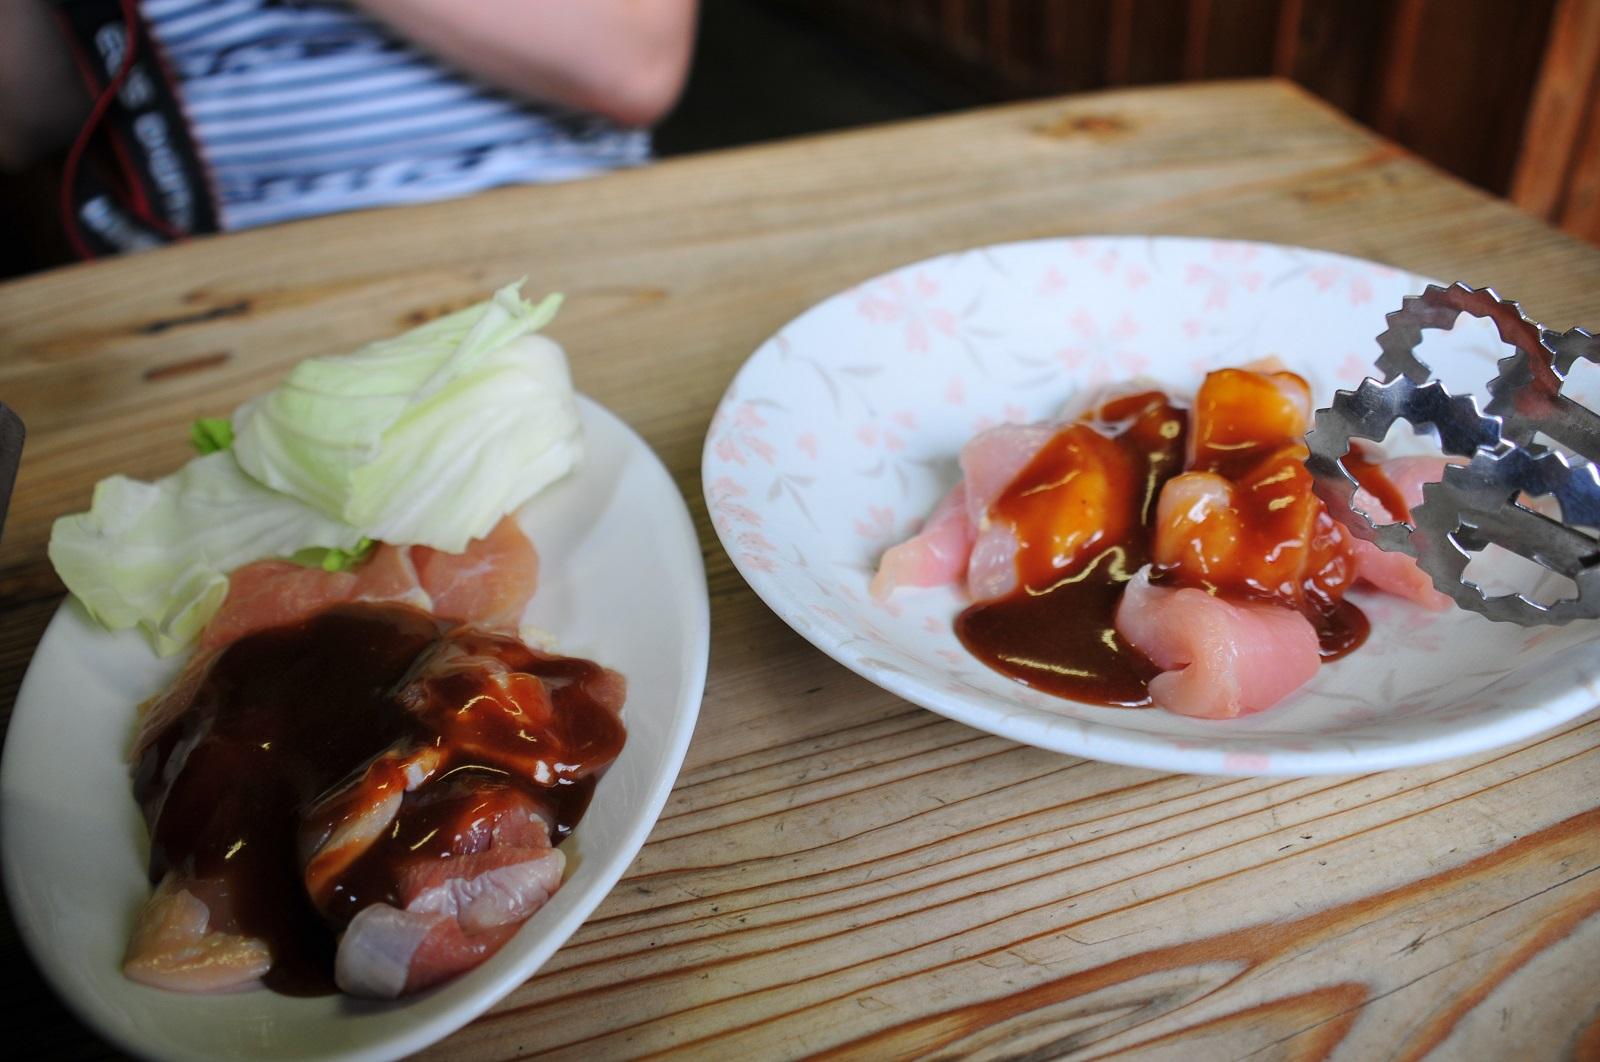 錦爽鶏と若鶏の食べ比べ